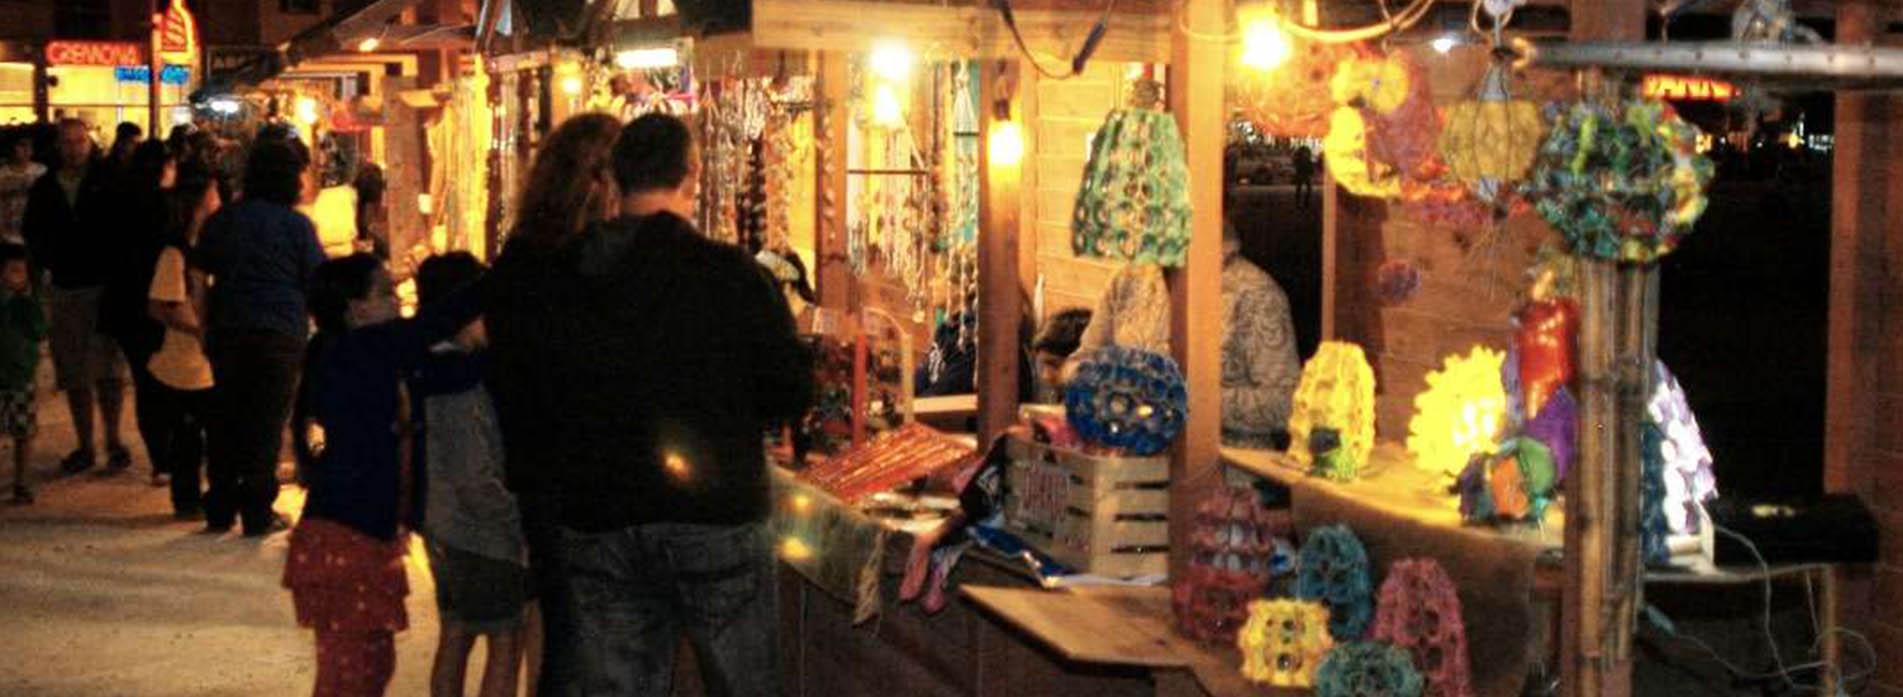 http://santaclaradelmar.com/slider/noche.jpg